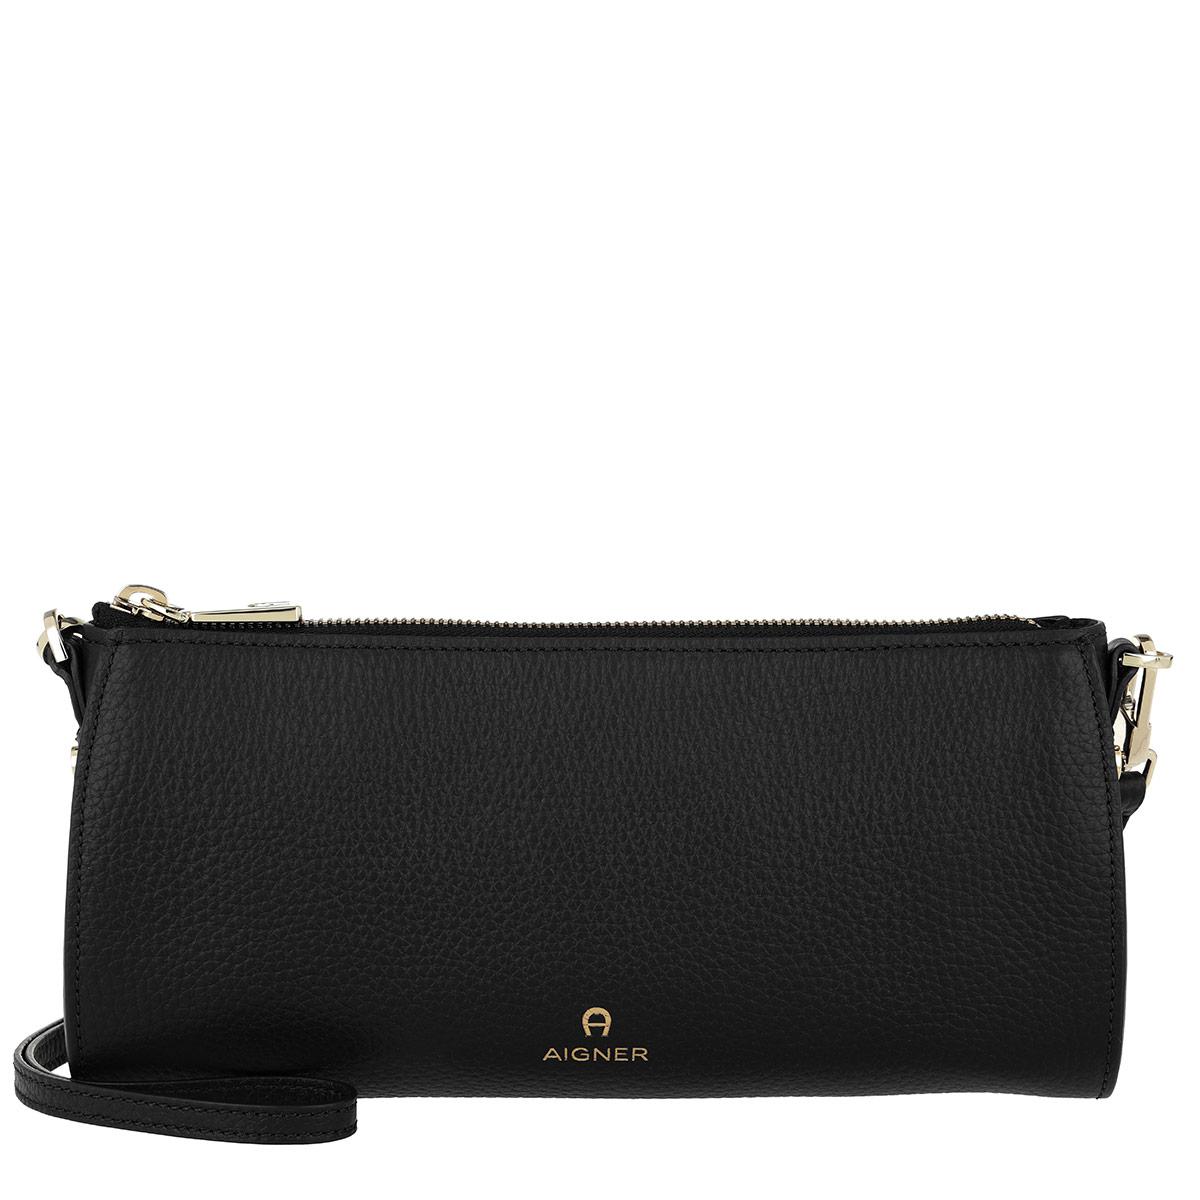 Aigner Umhängetasche - Ivy Crossbody Bag Small Black - in schwarz - für Damen